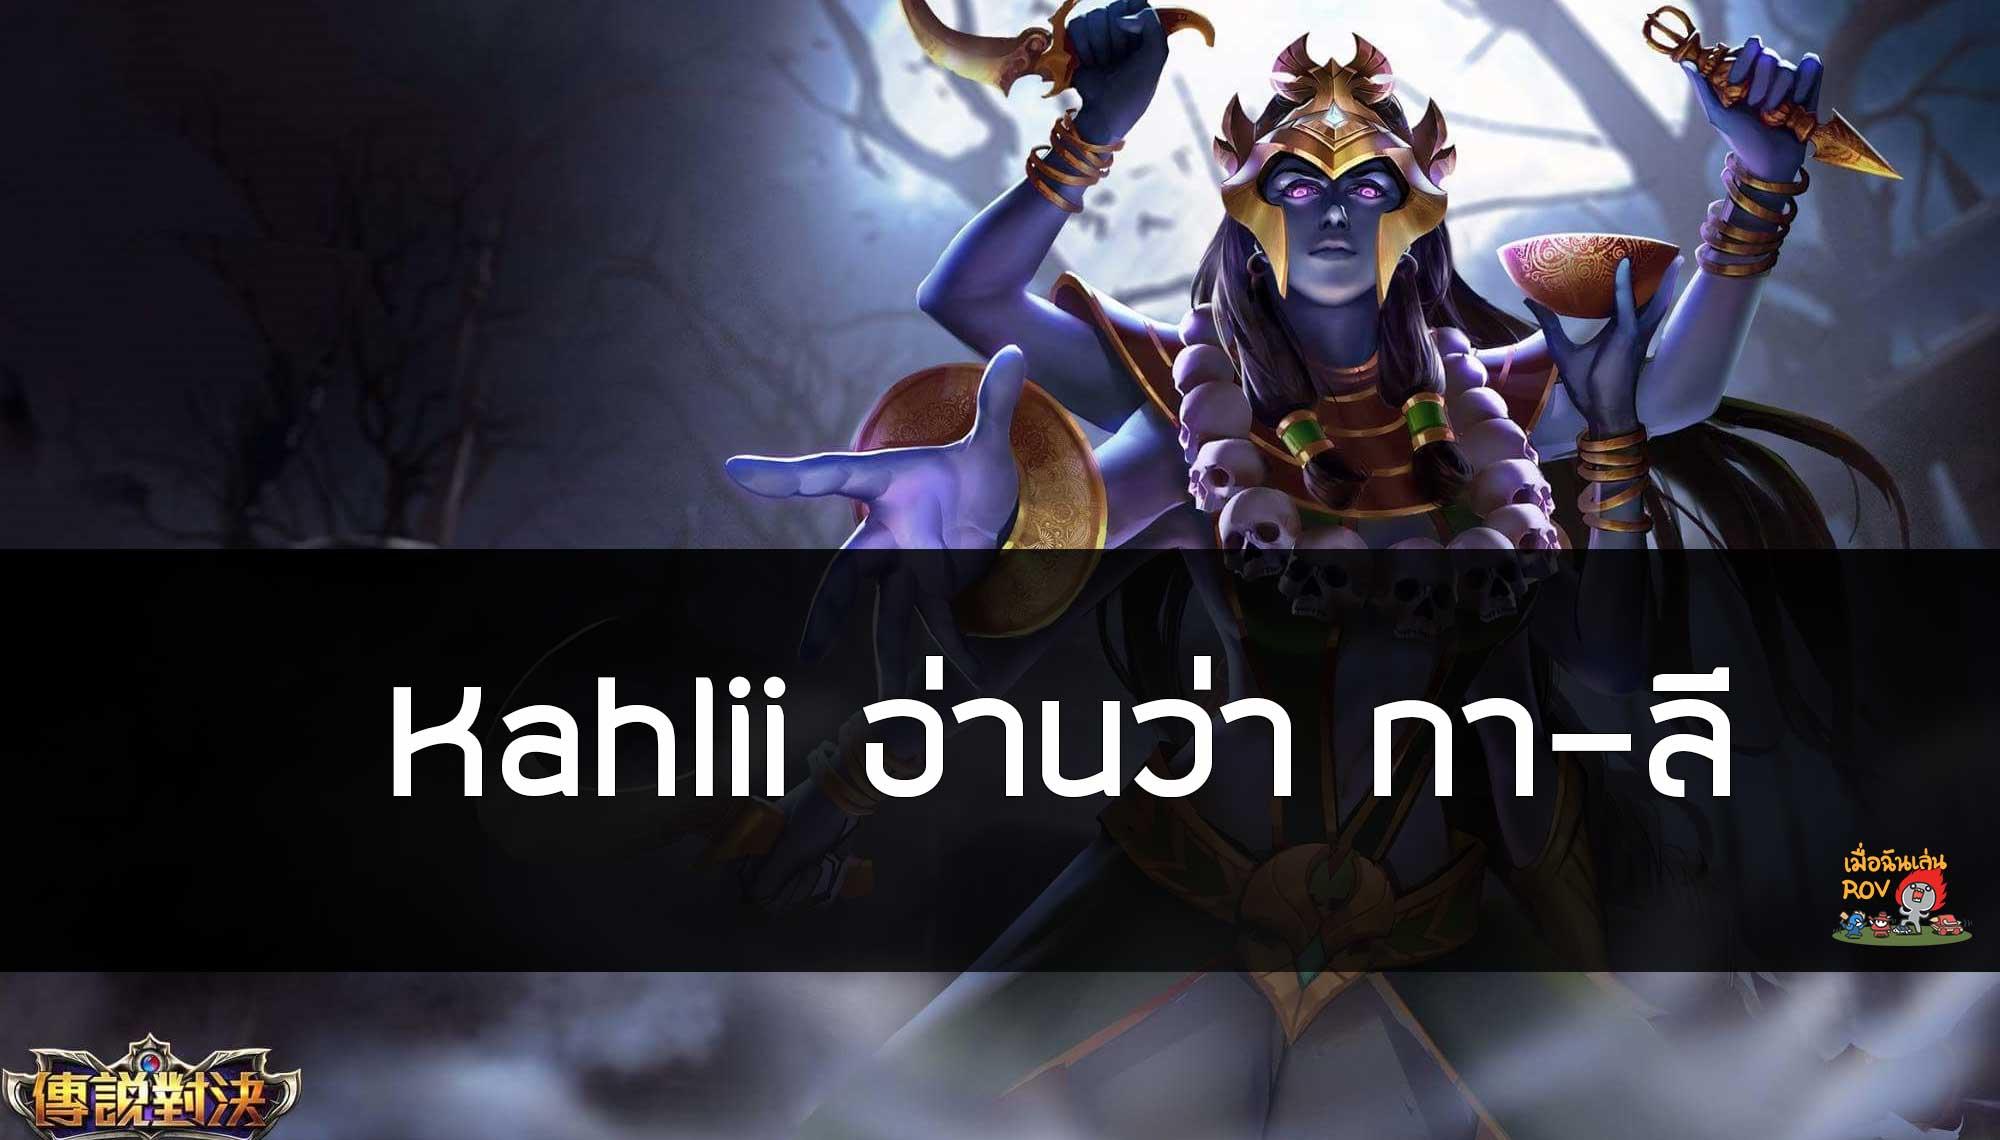 Kahlii อ่านว่า กา-ลี